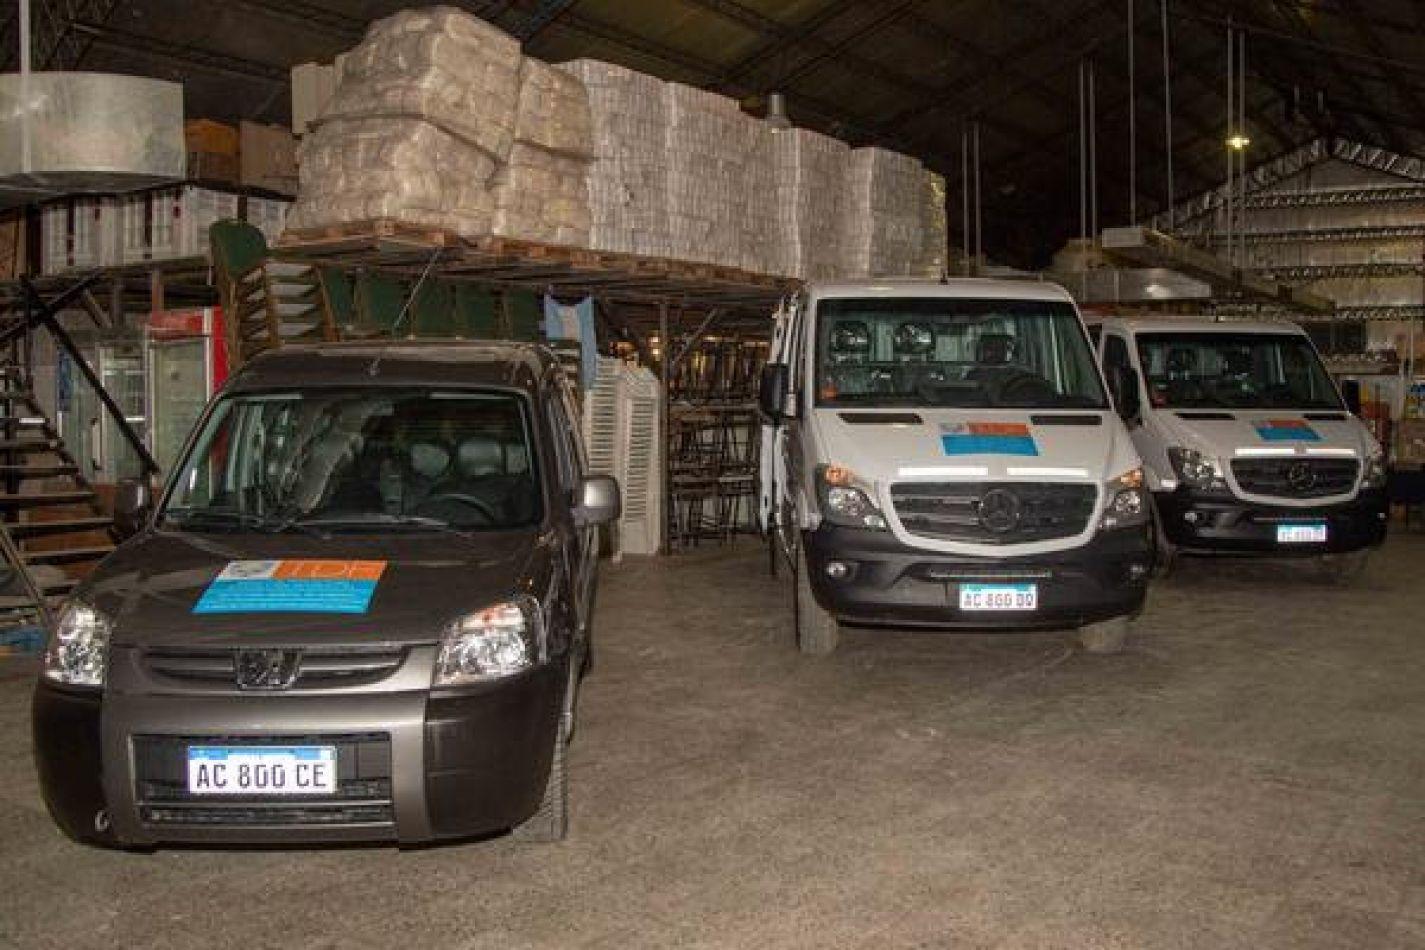 Gobierno entregó 3 vehículos al personalde maestranza y Servicios POMyS  encargados de la distribución de alimentos a escuelas